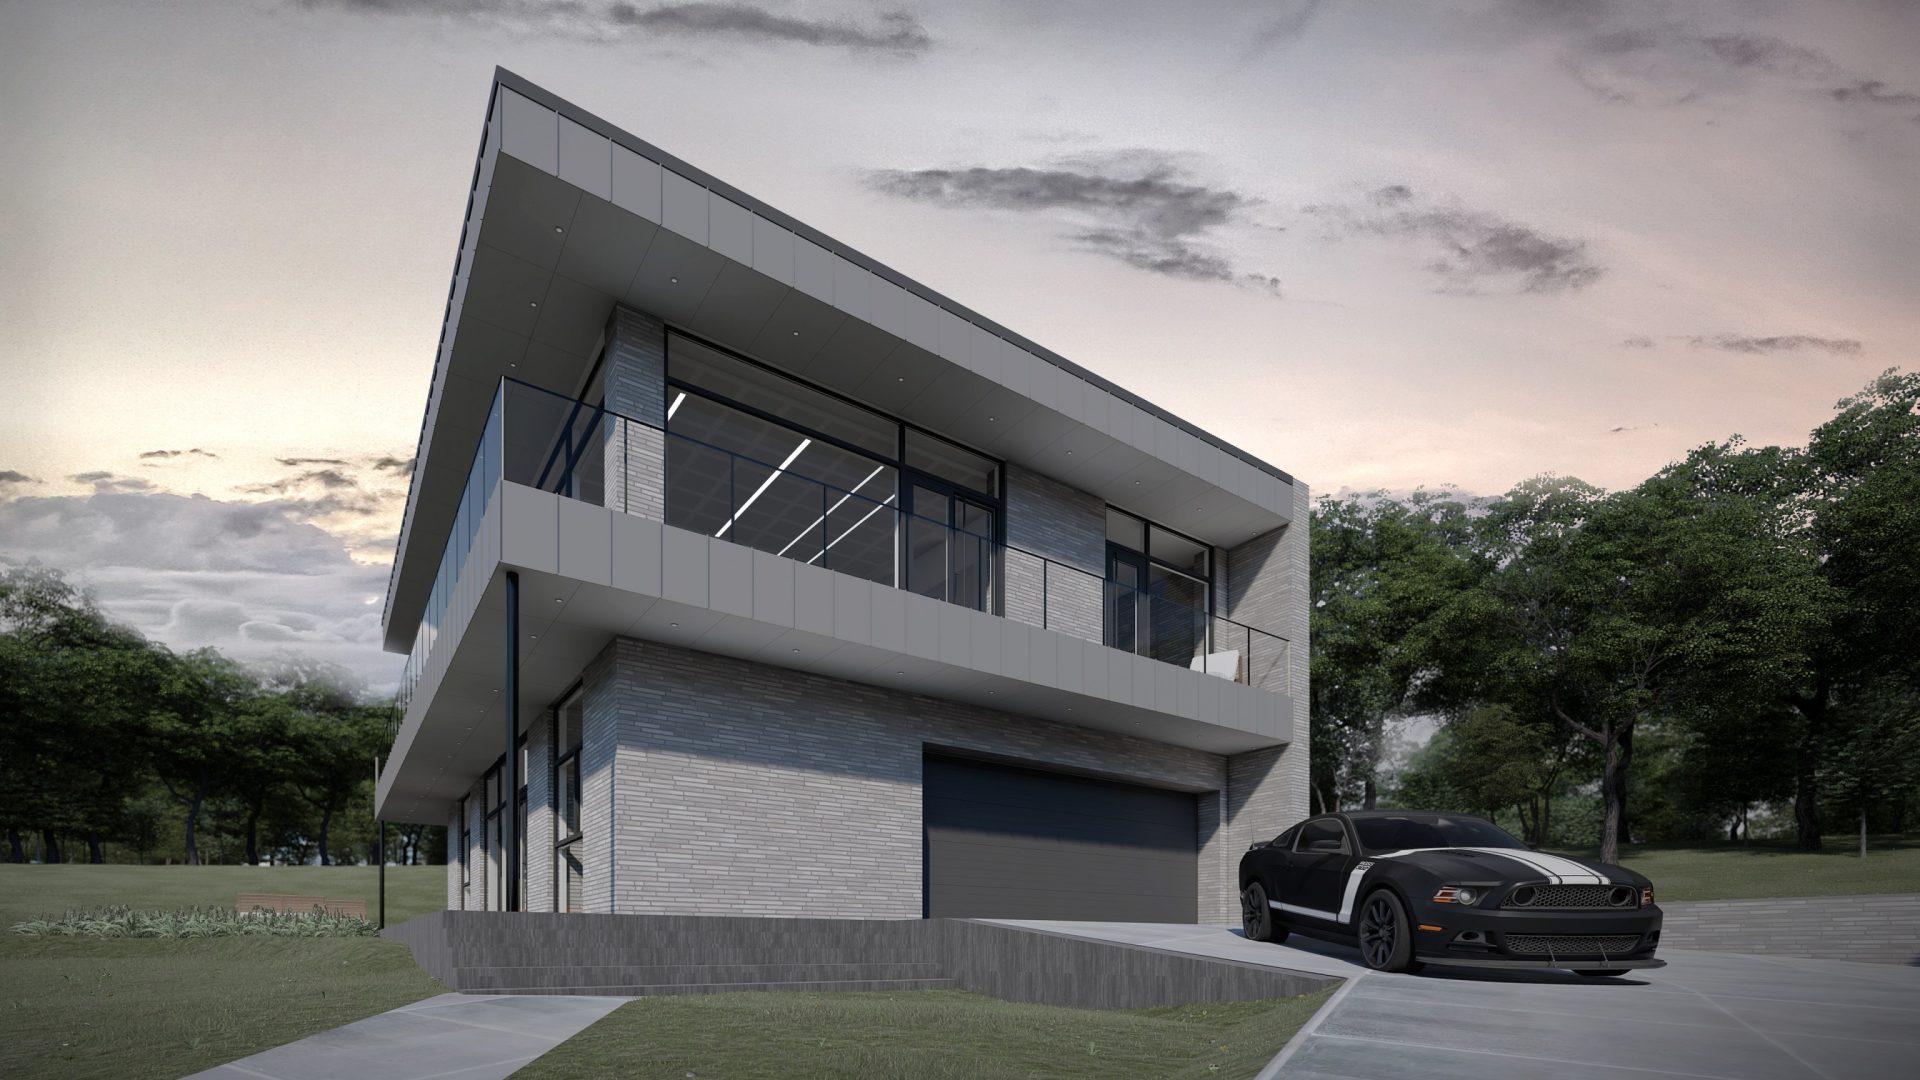 Nyt hus i Aalborg 02